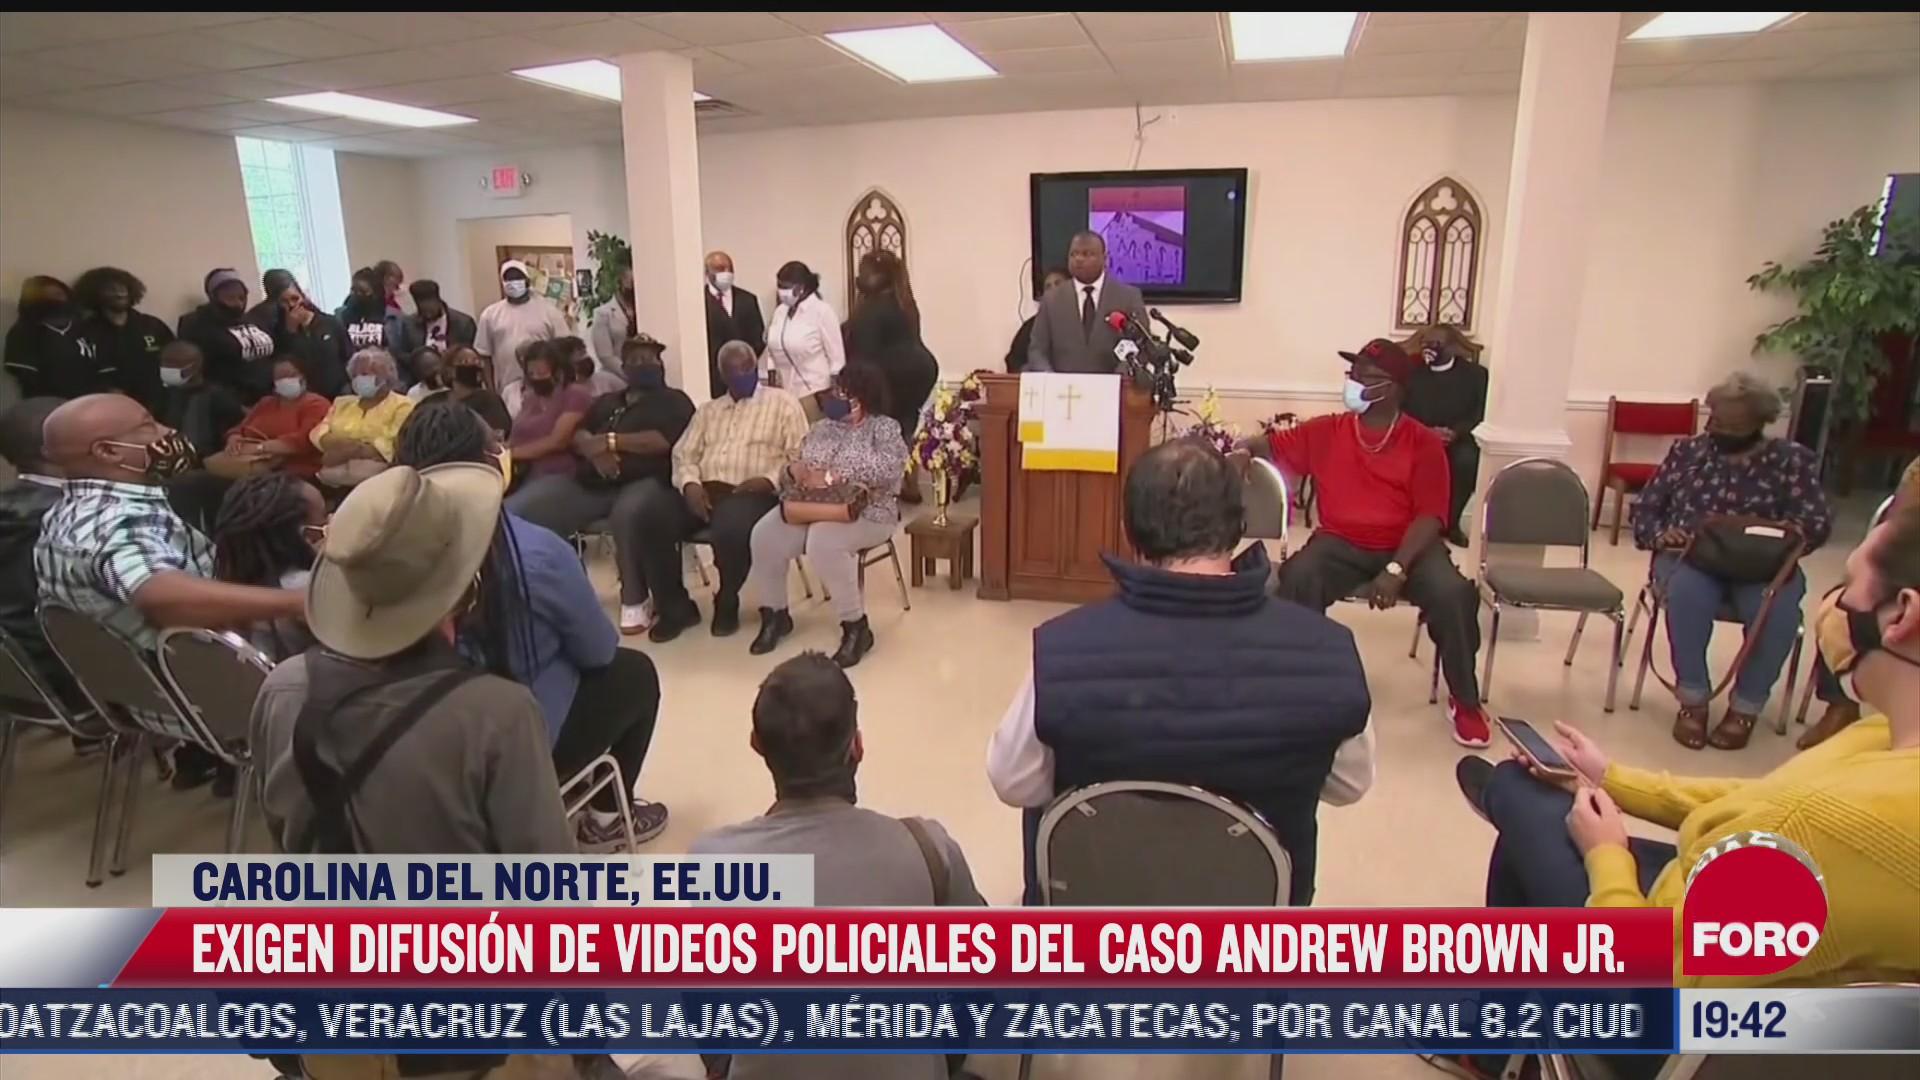 exigen camara del cuerpo de policia que mato a afroamericano en carolina del norte